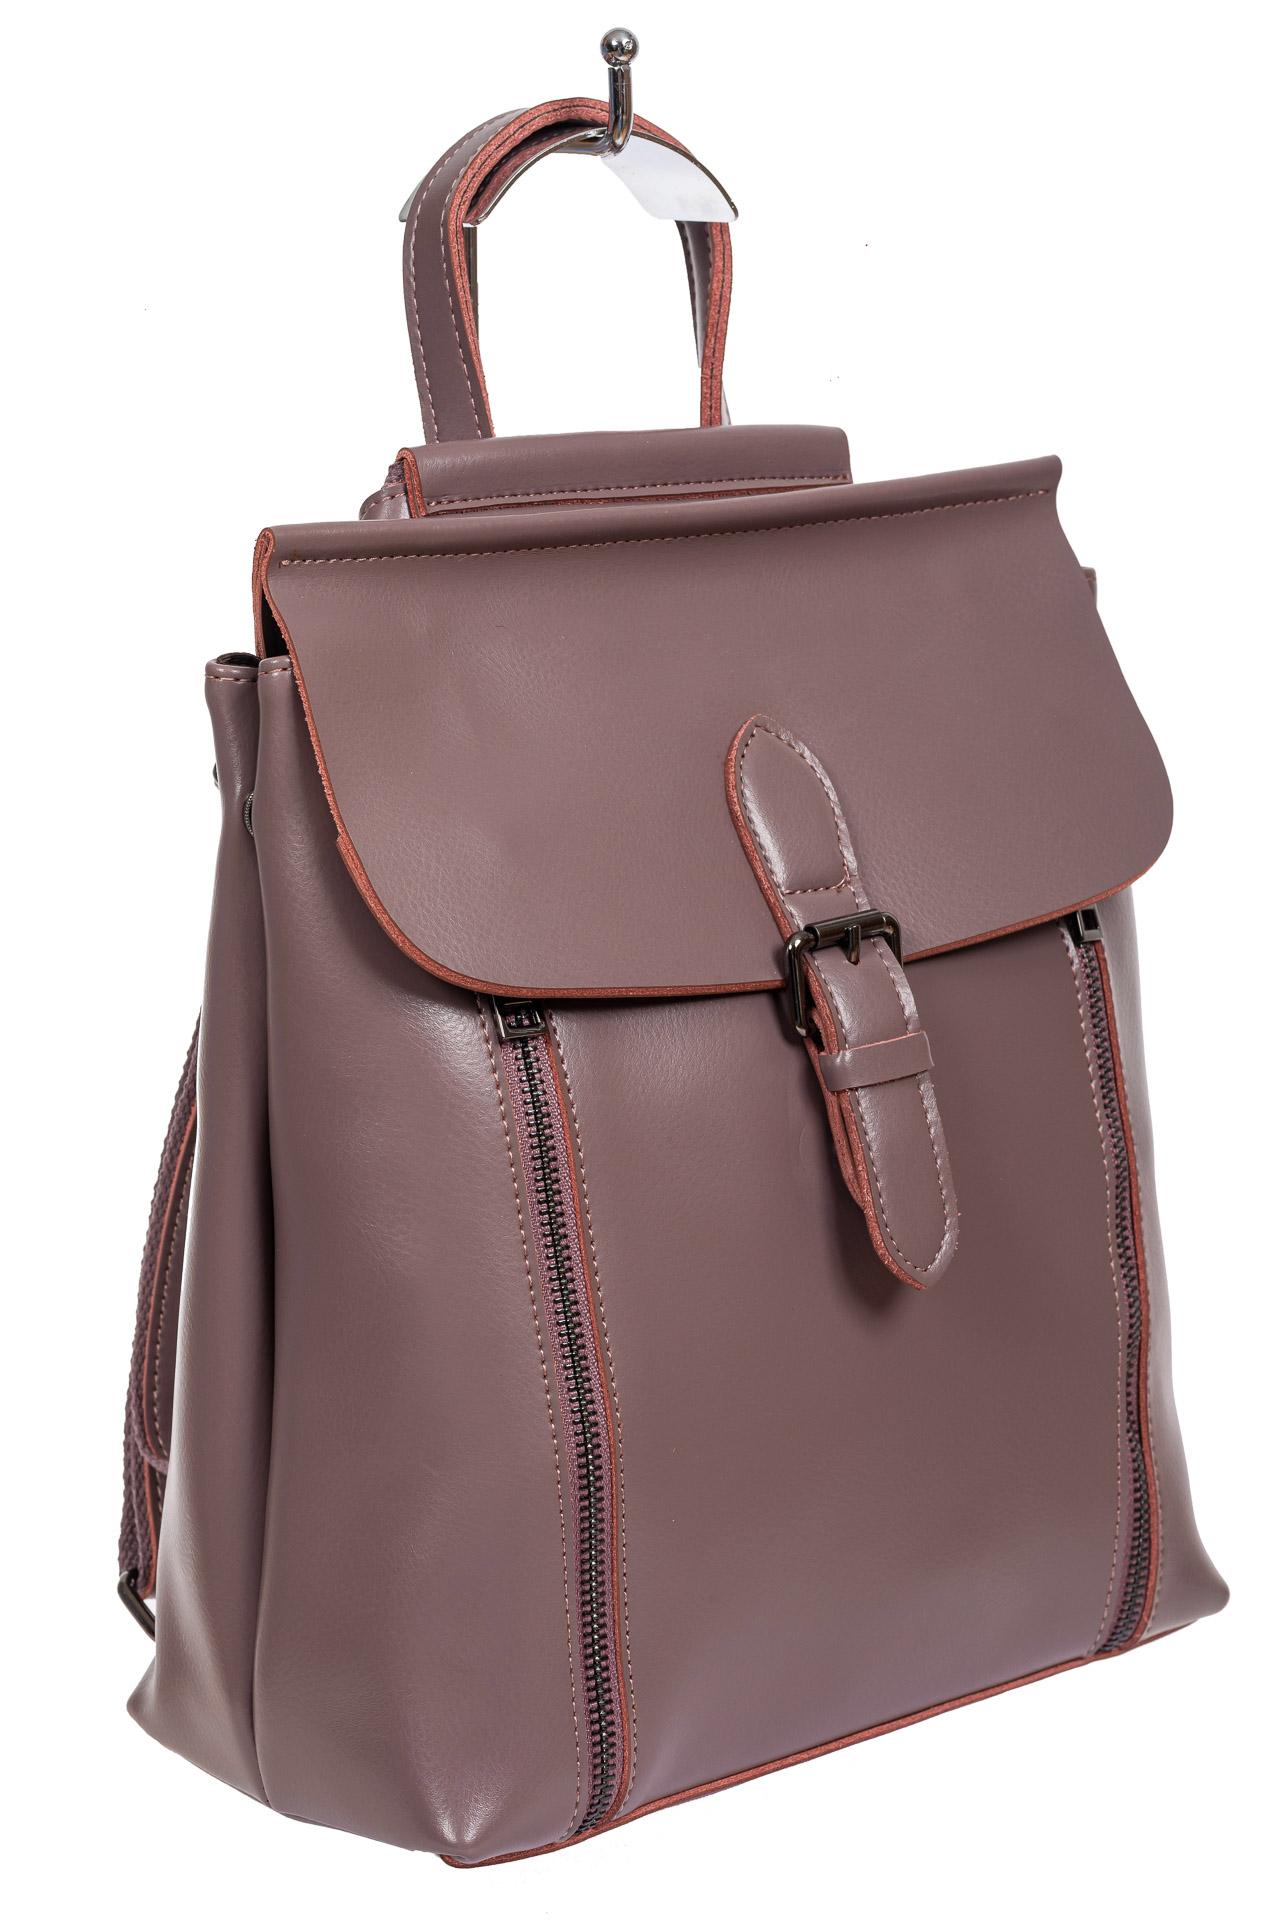 Кожаный рюкзак-трансформер, цвет розово-сиреневый